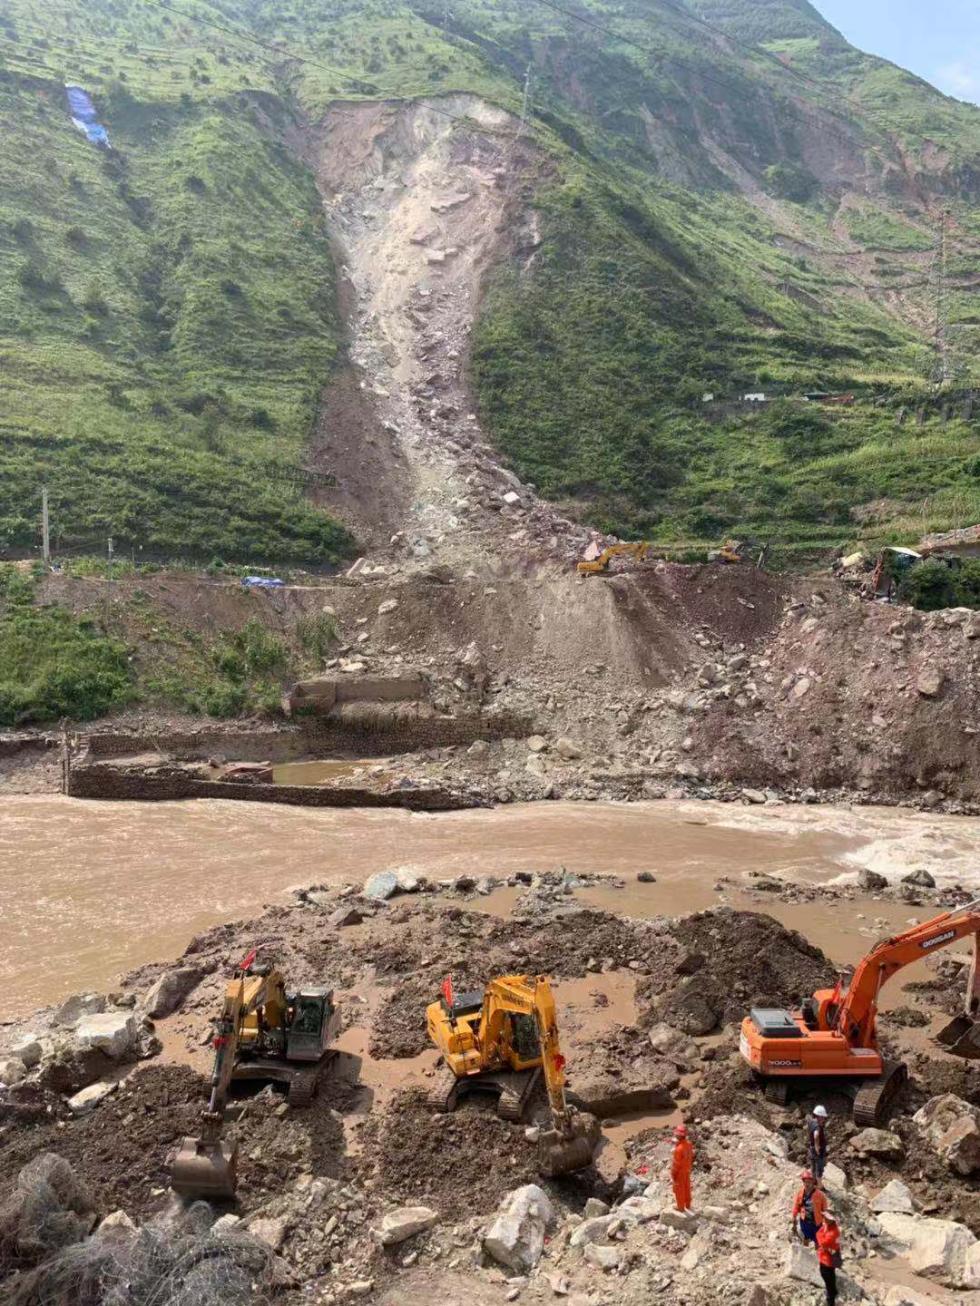 成昆铁路甘洛段山体崩塌救援现场发现一具疑似失联人员遗体